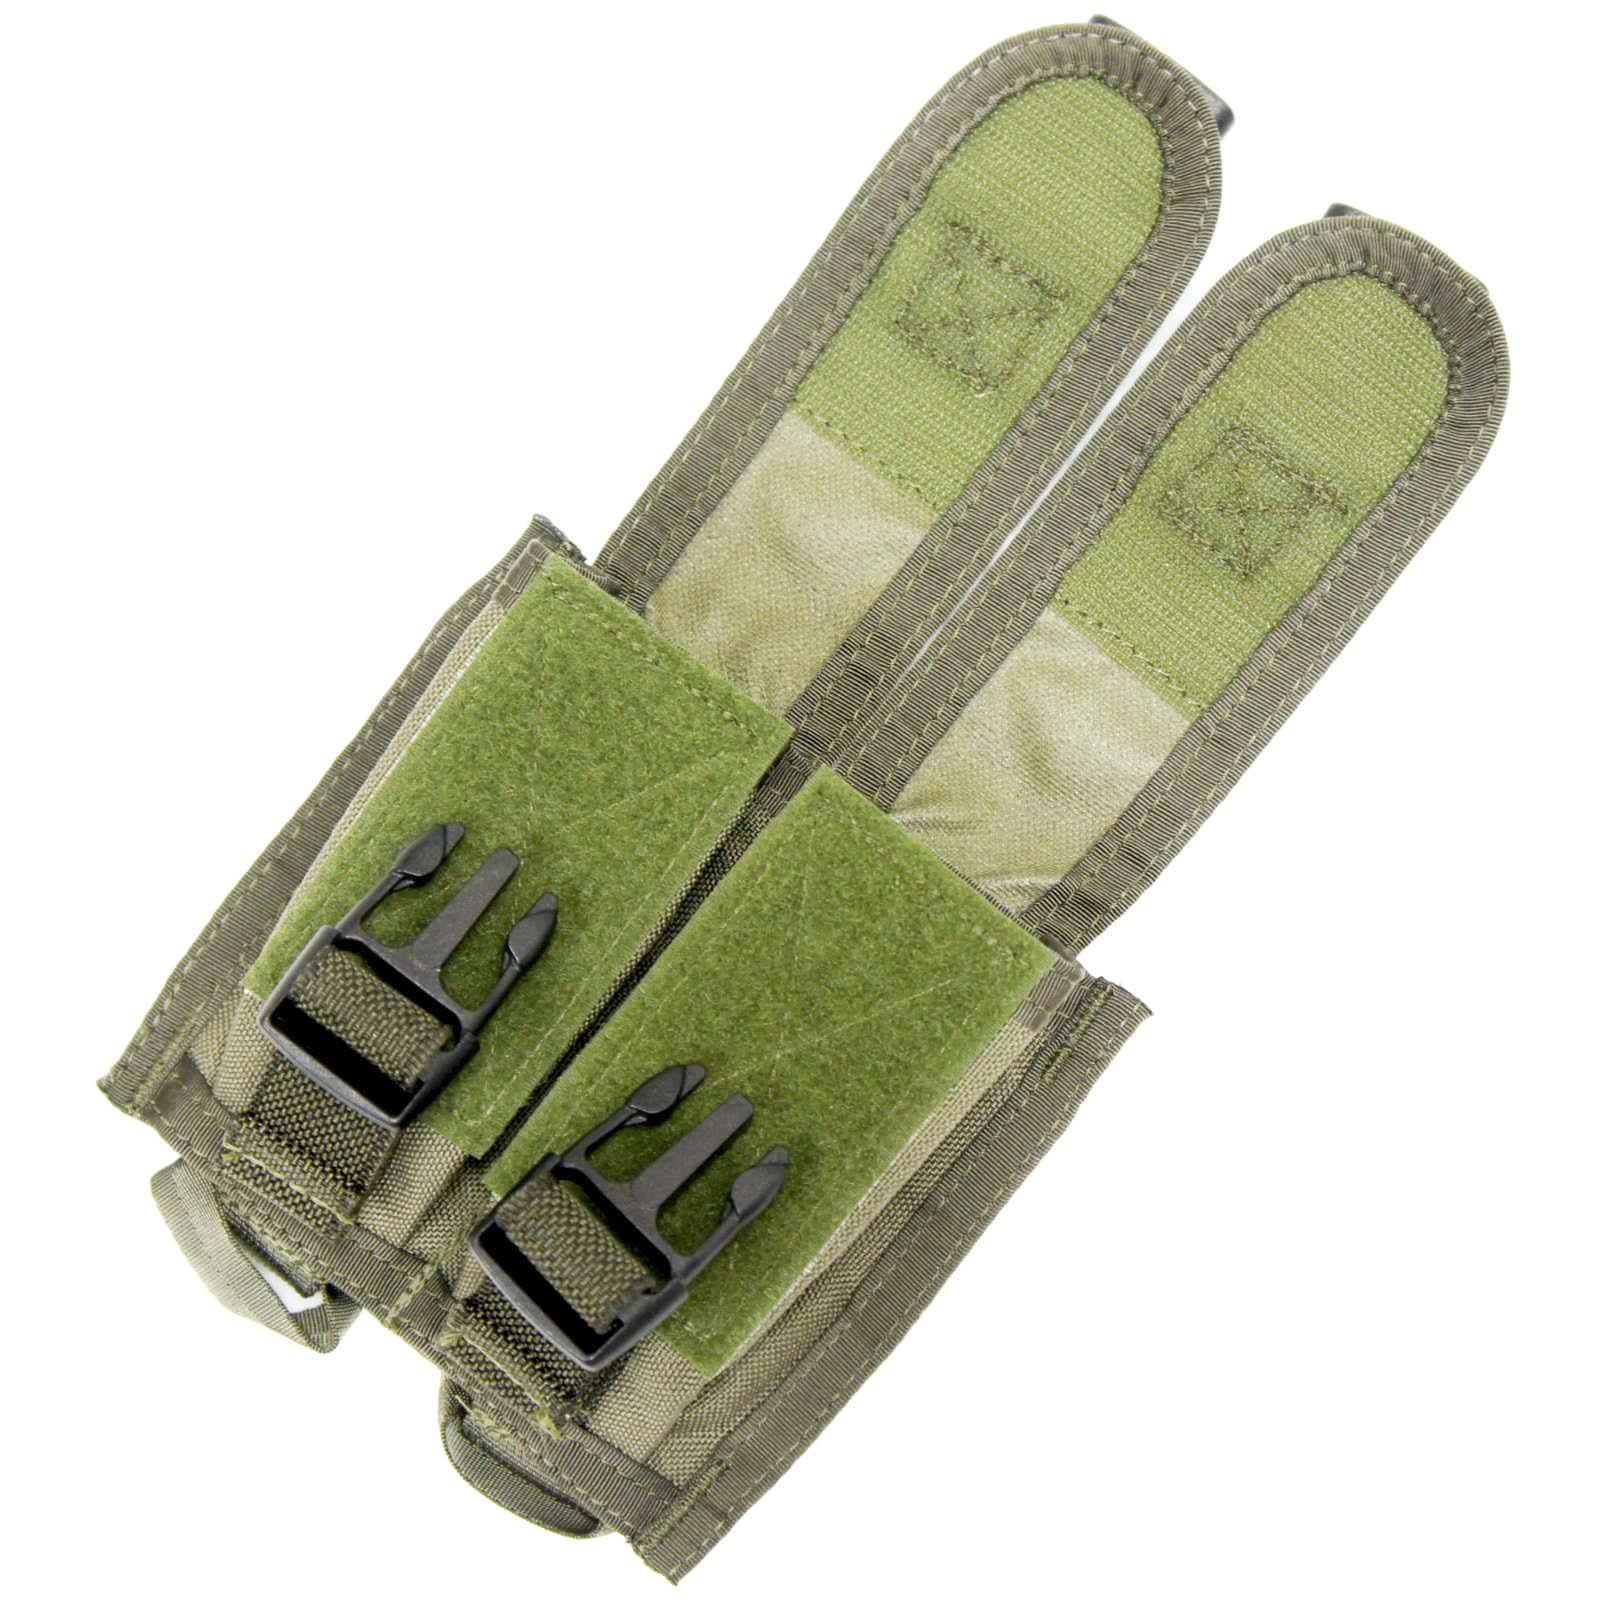 20070228 PARACLETE AGL0019 ダブル40mmグレネードポーチ *スモークグリーン/2003年製バックル